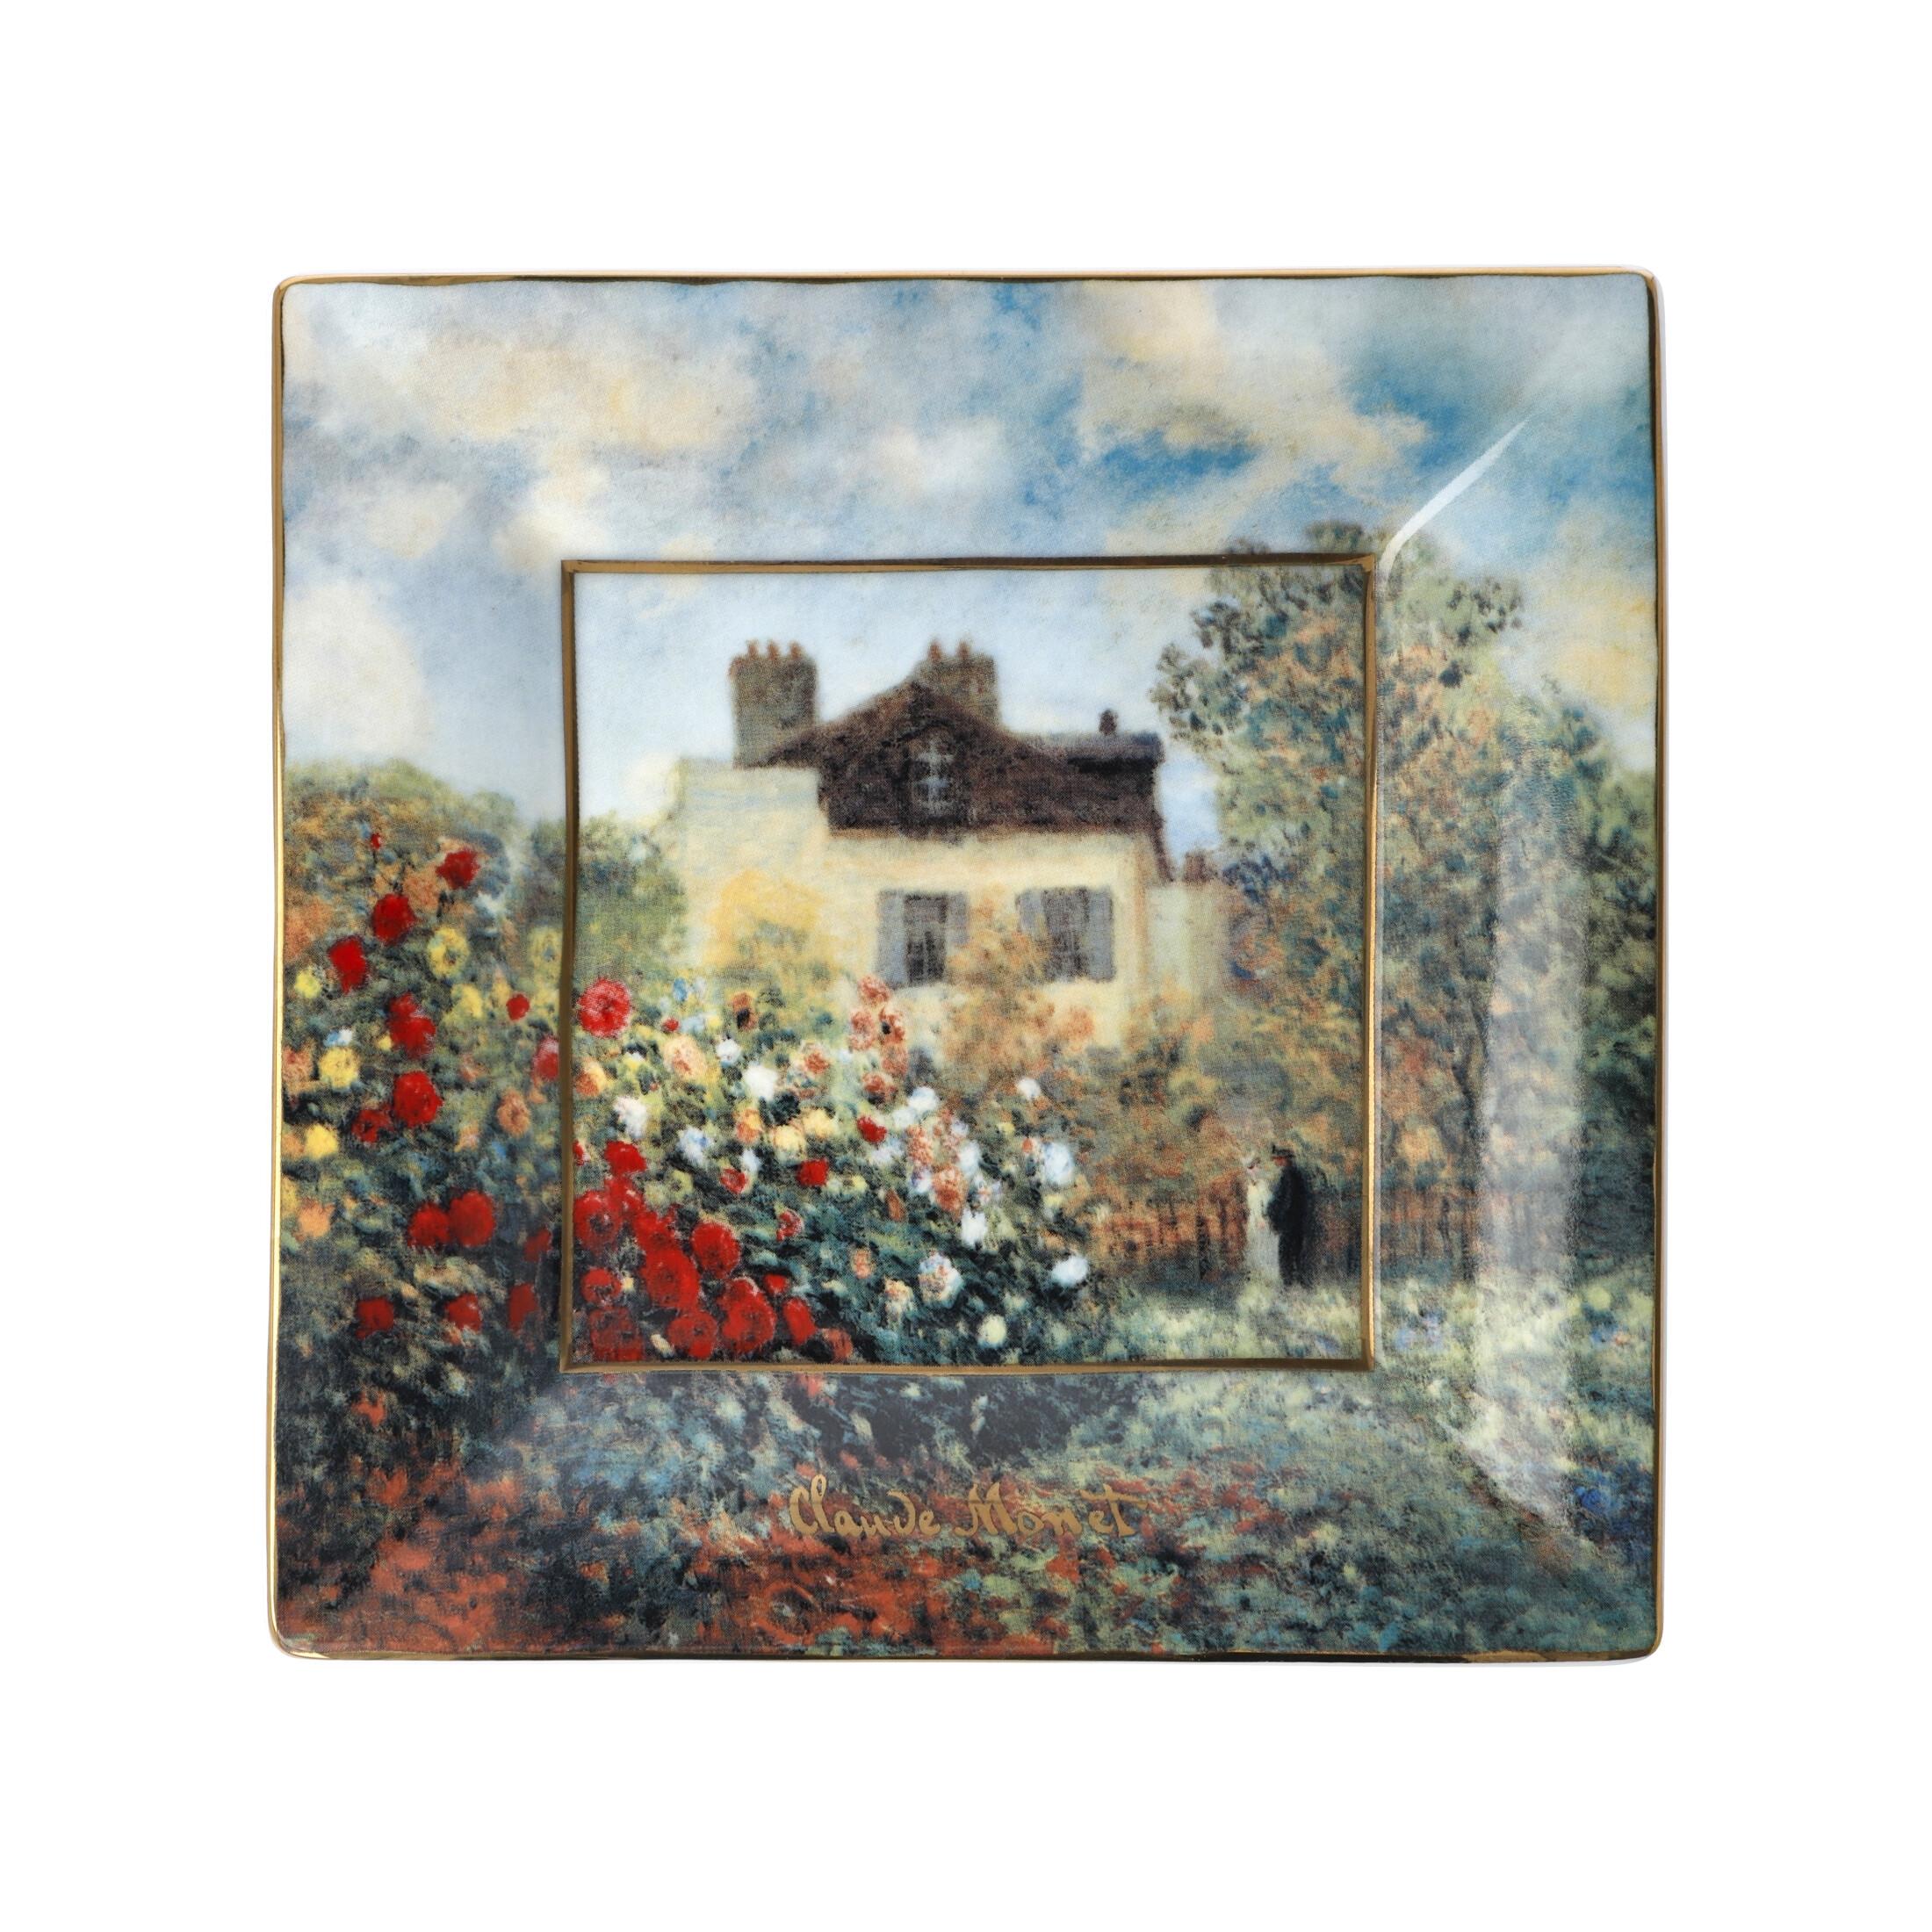 Goebel Artis Orbis Claude Monet 'AO FB SC Künstlerhaus 16x16' 2021 !